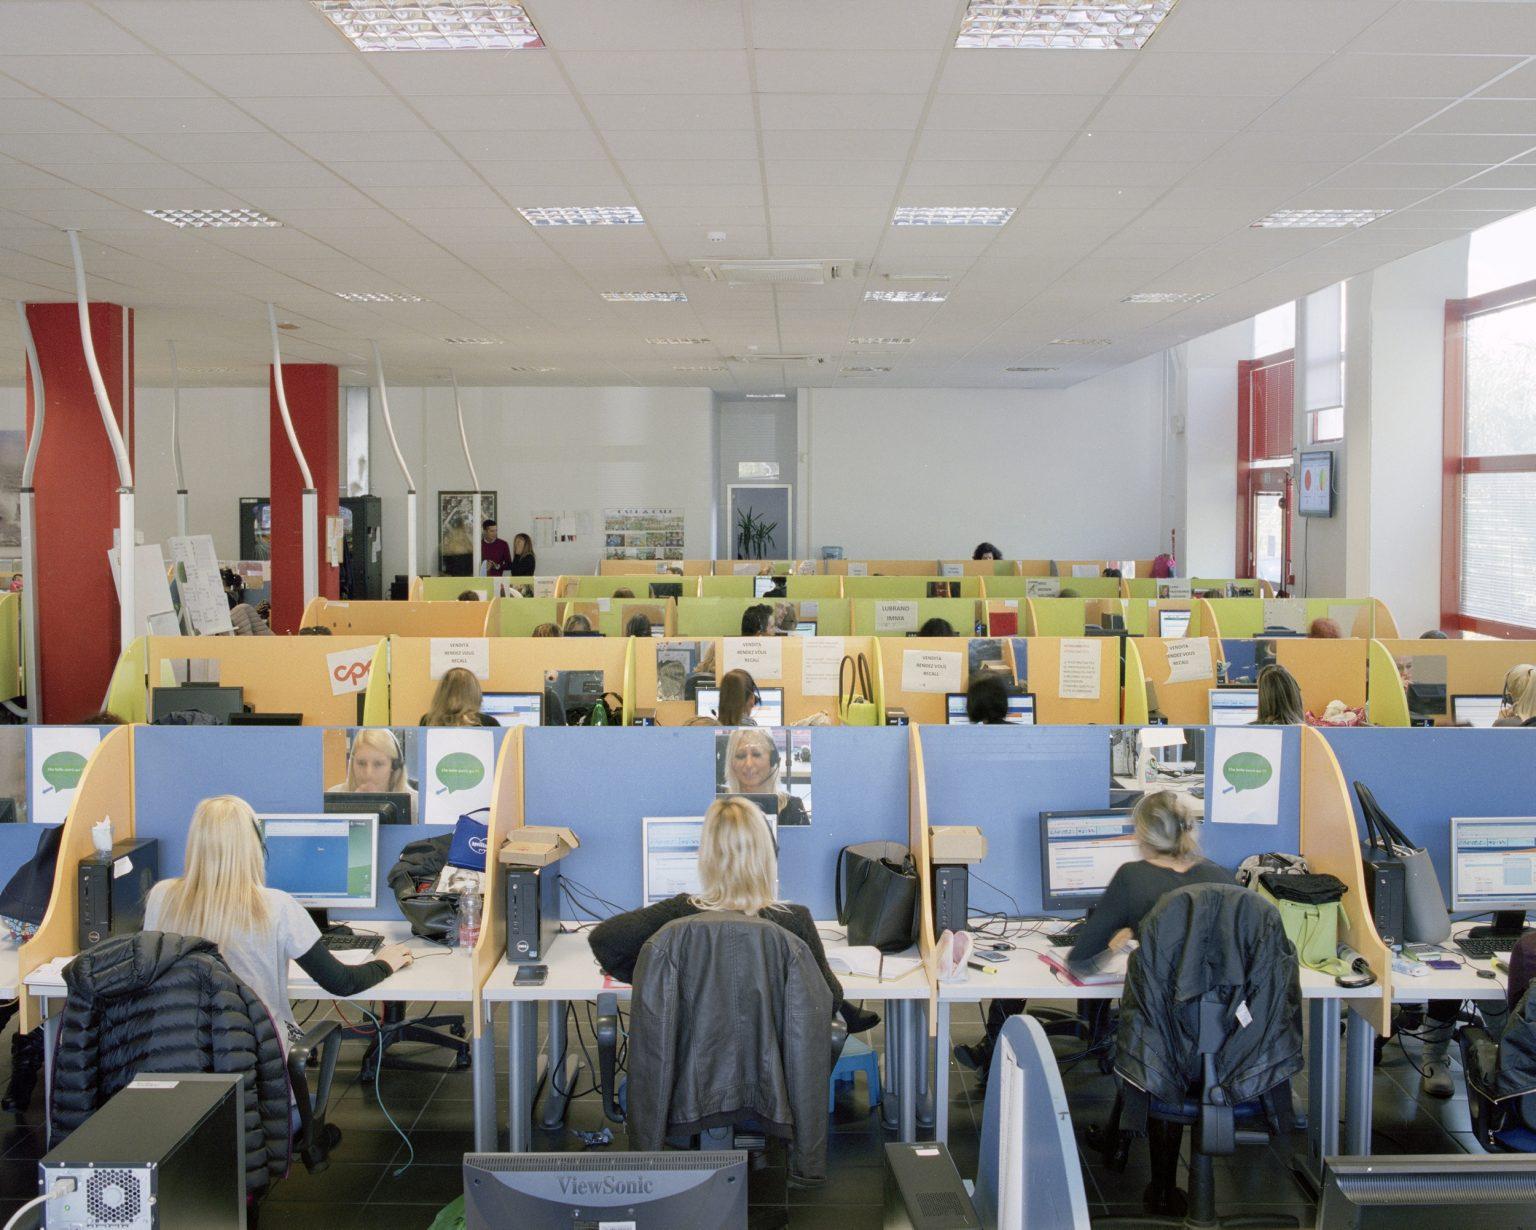 Call&Call, La Spezia, 2015. 600 employees, 80% are women with an average age of 35 years old . >< Call&Call, La Spezia, 2015. Call center della Call&Call, 600 dipendenti di cui 80% donne con eta` media di 35 anni.